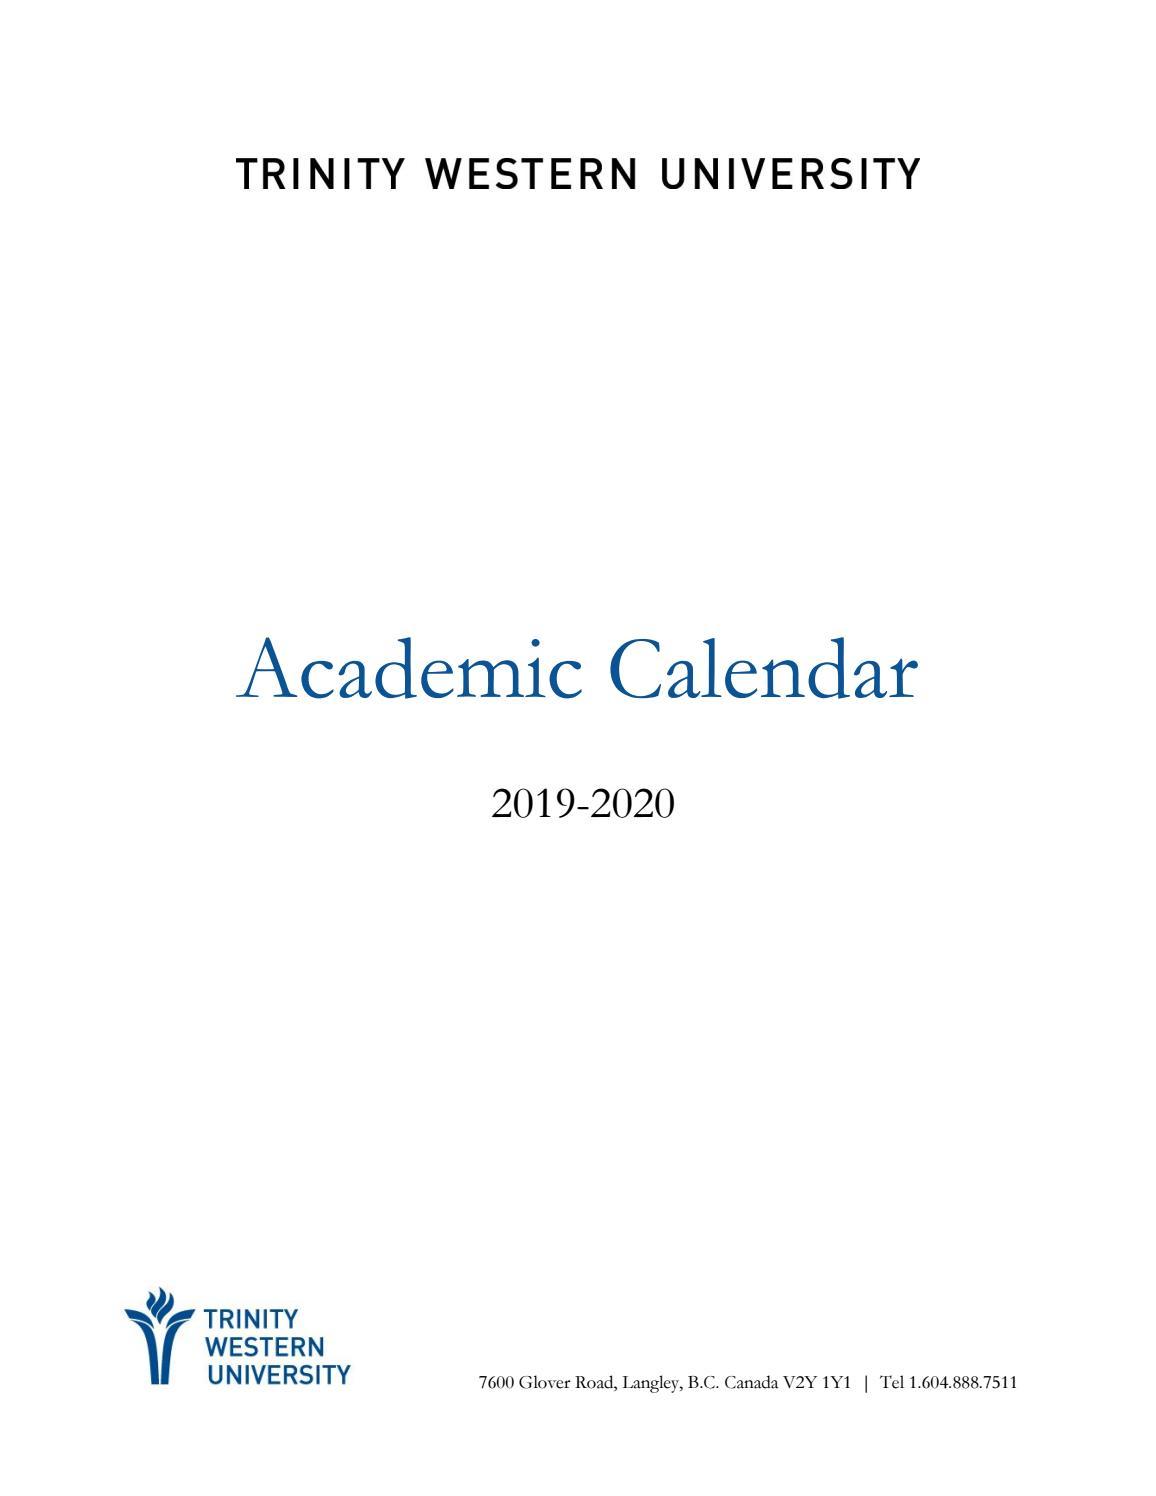 2019 20 Academic Calendartwu – Issuu Pertaining To Metro Nashville Public Schools Calendar 2021